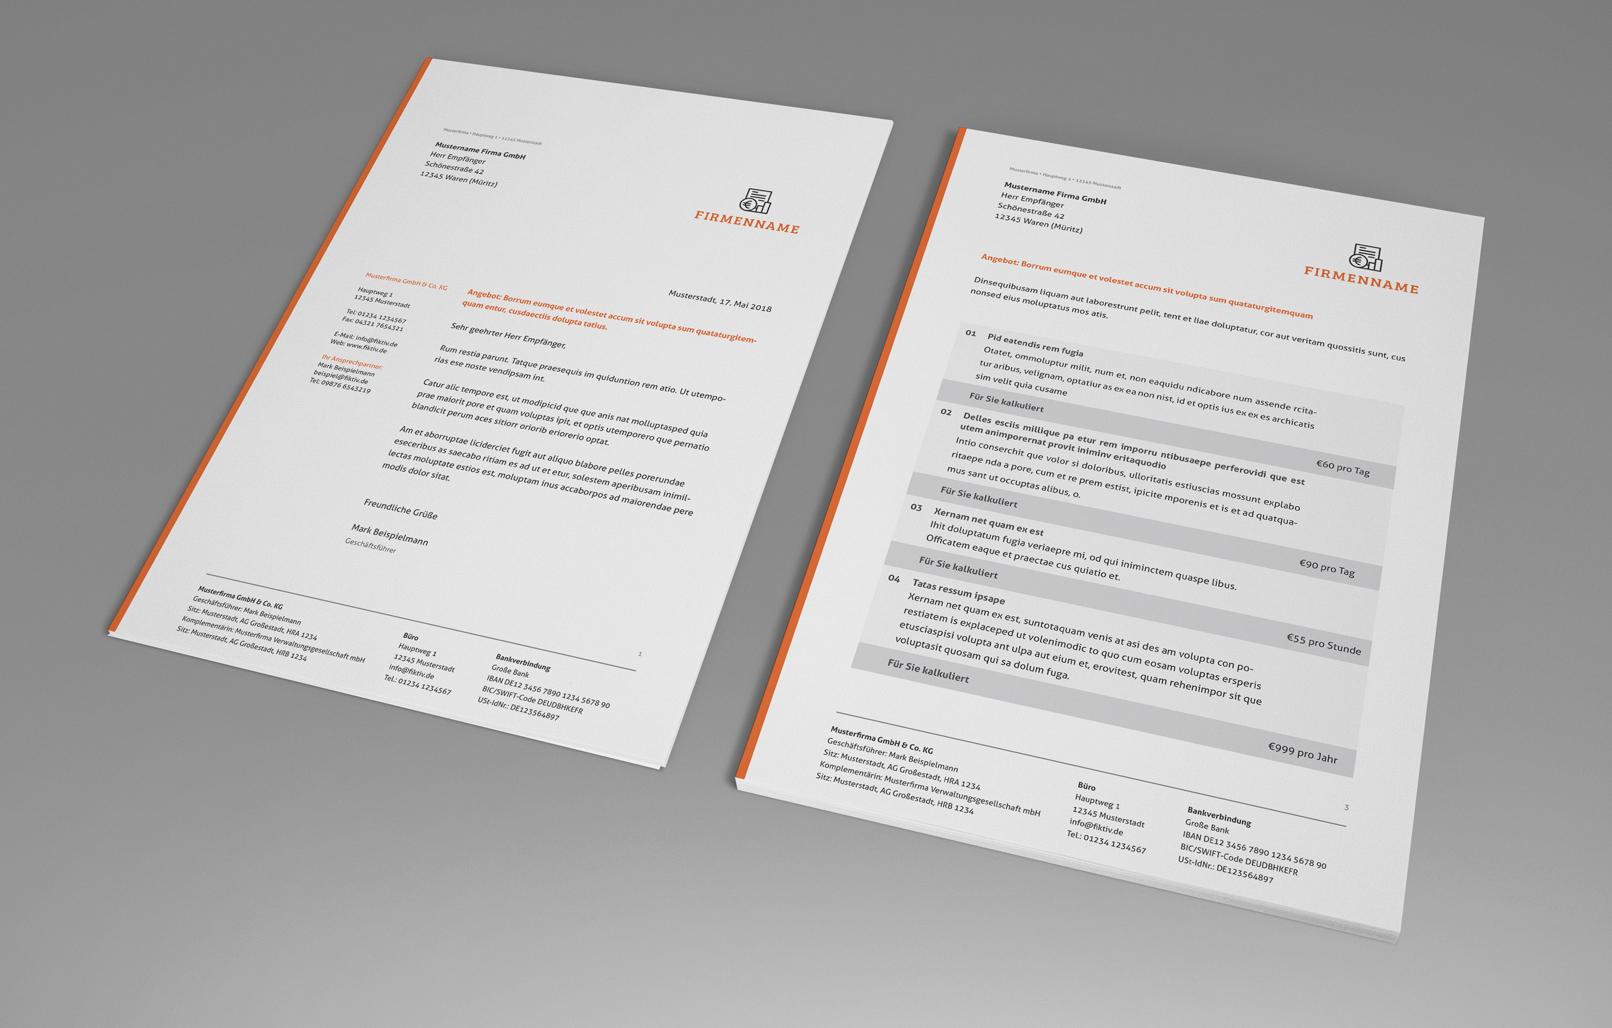 Rechnungsvorlagen Lieferscheine Angebote Muster Herunterladen